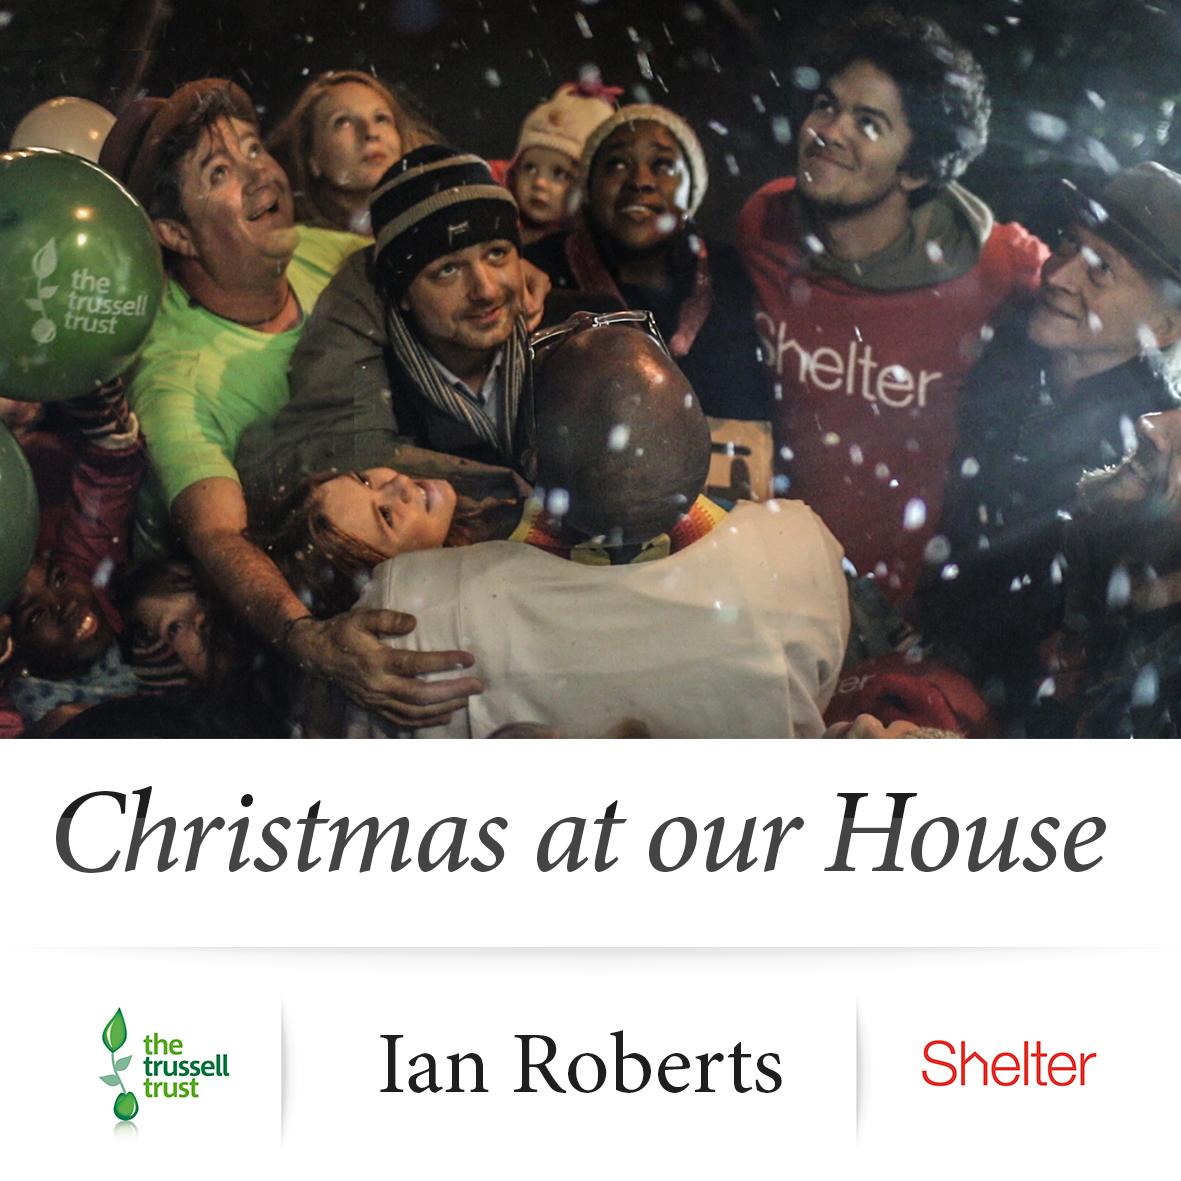 Ian-Roberts-christmas-image